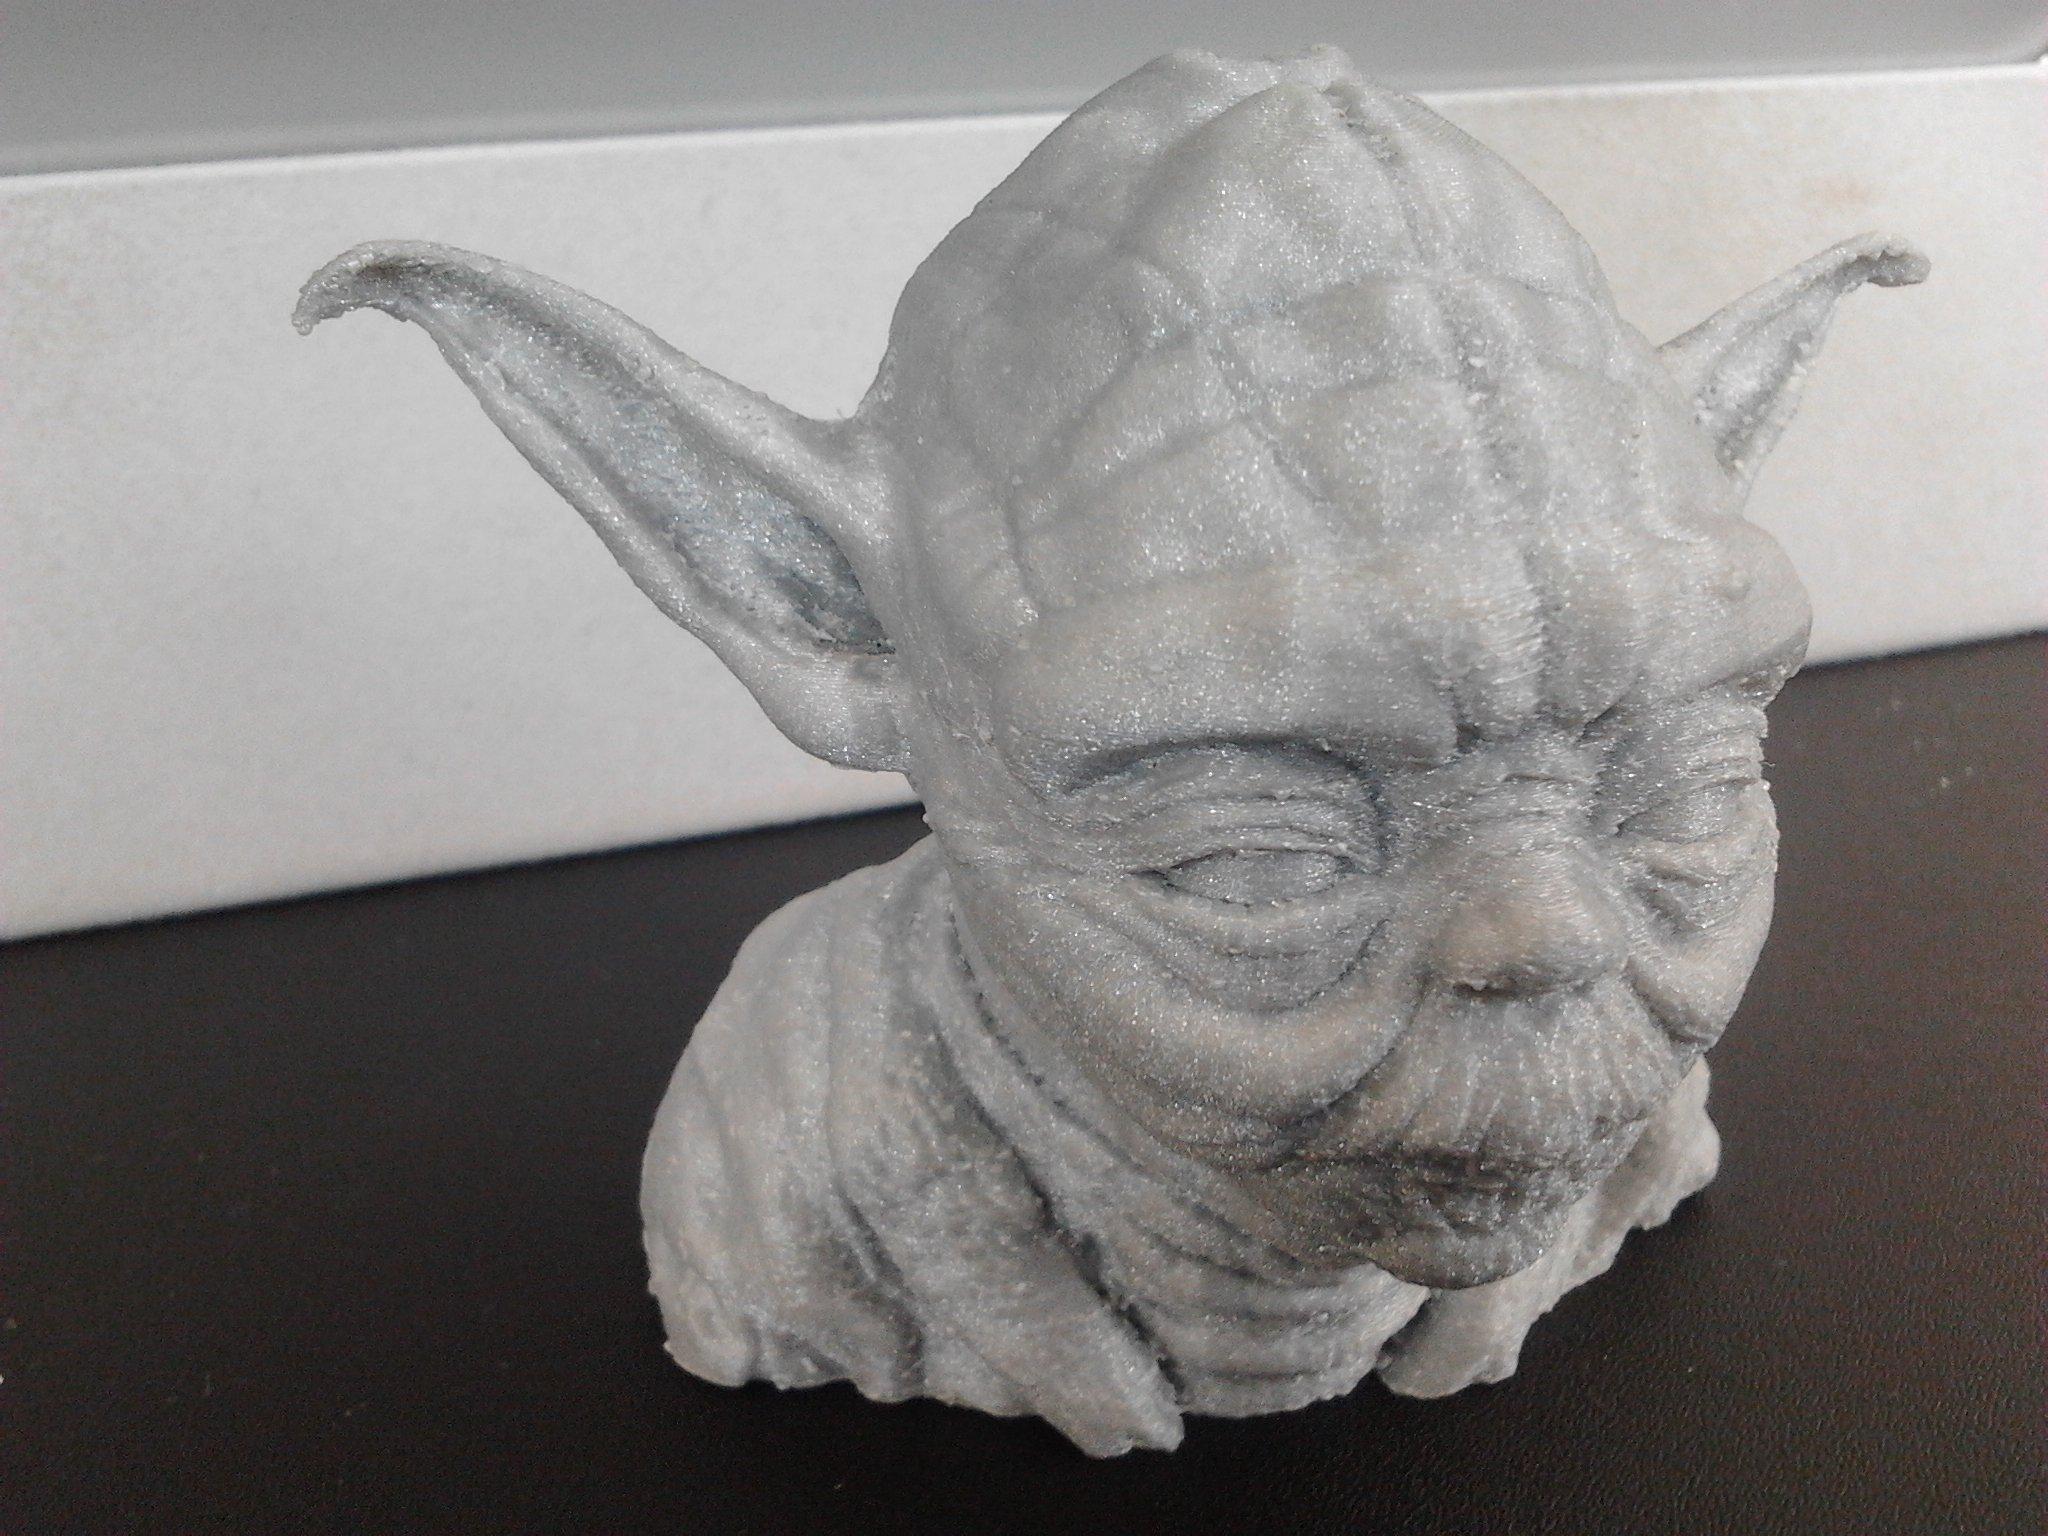 Мастер Йода нашел воплощение на 3д принтере=). - Изображение 1